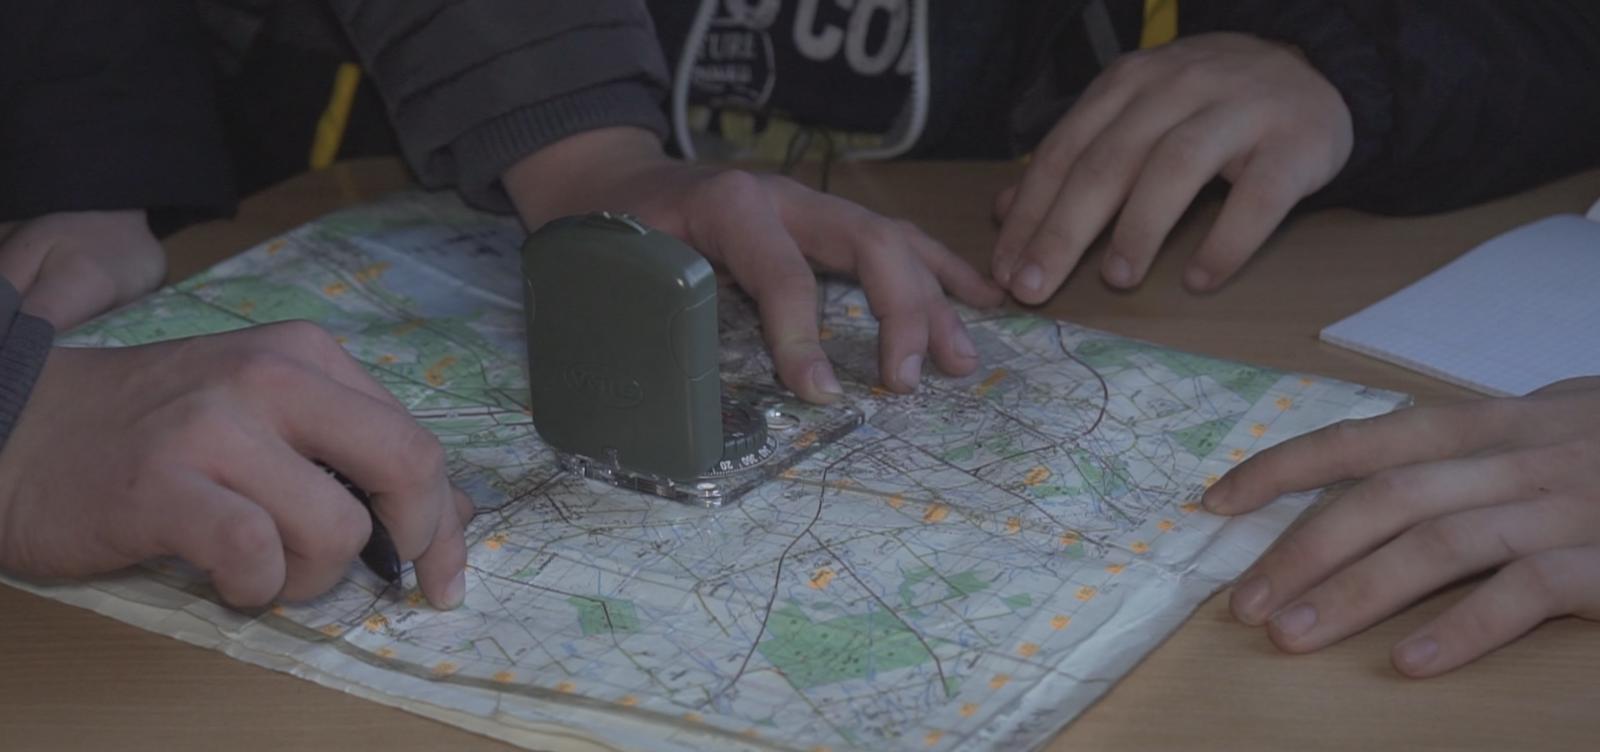 Po pamokų gimnazistai įsitraukia į kariškas veiklas